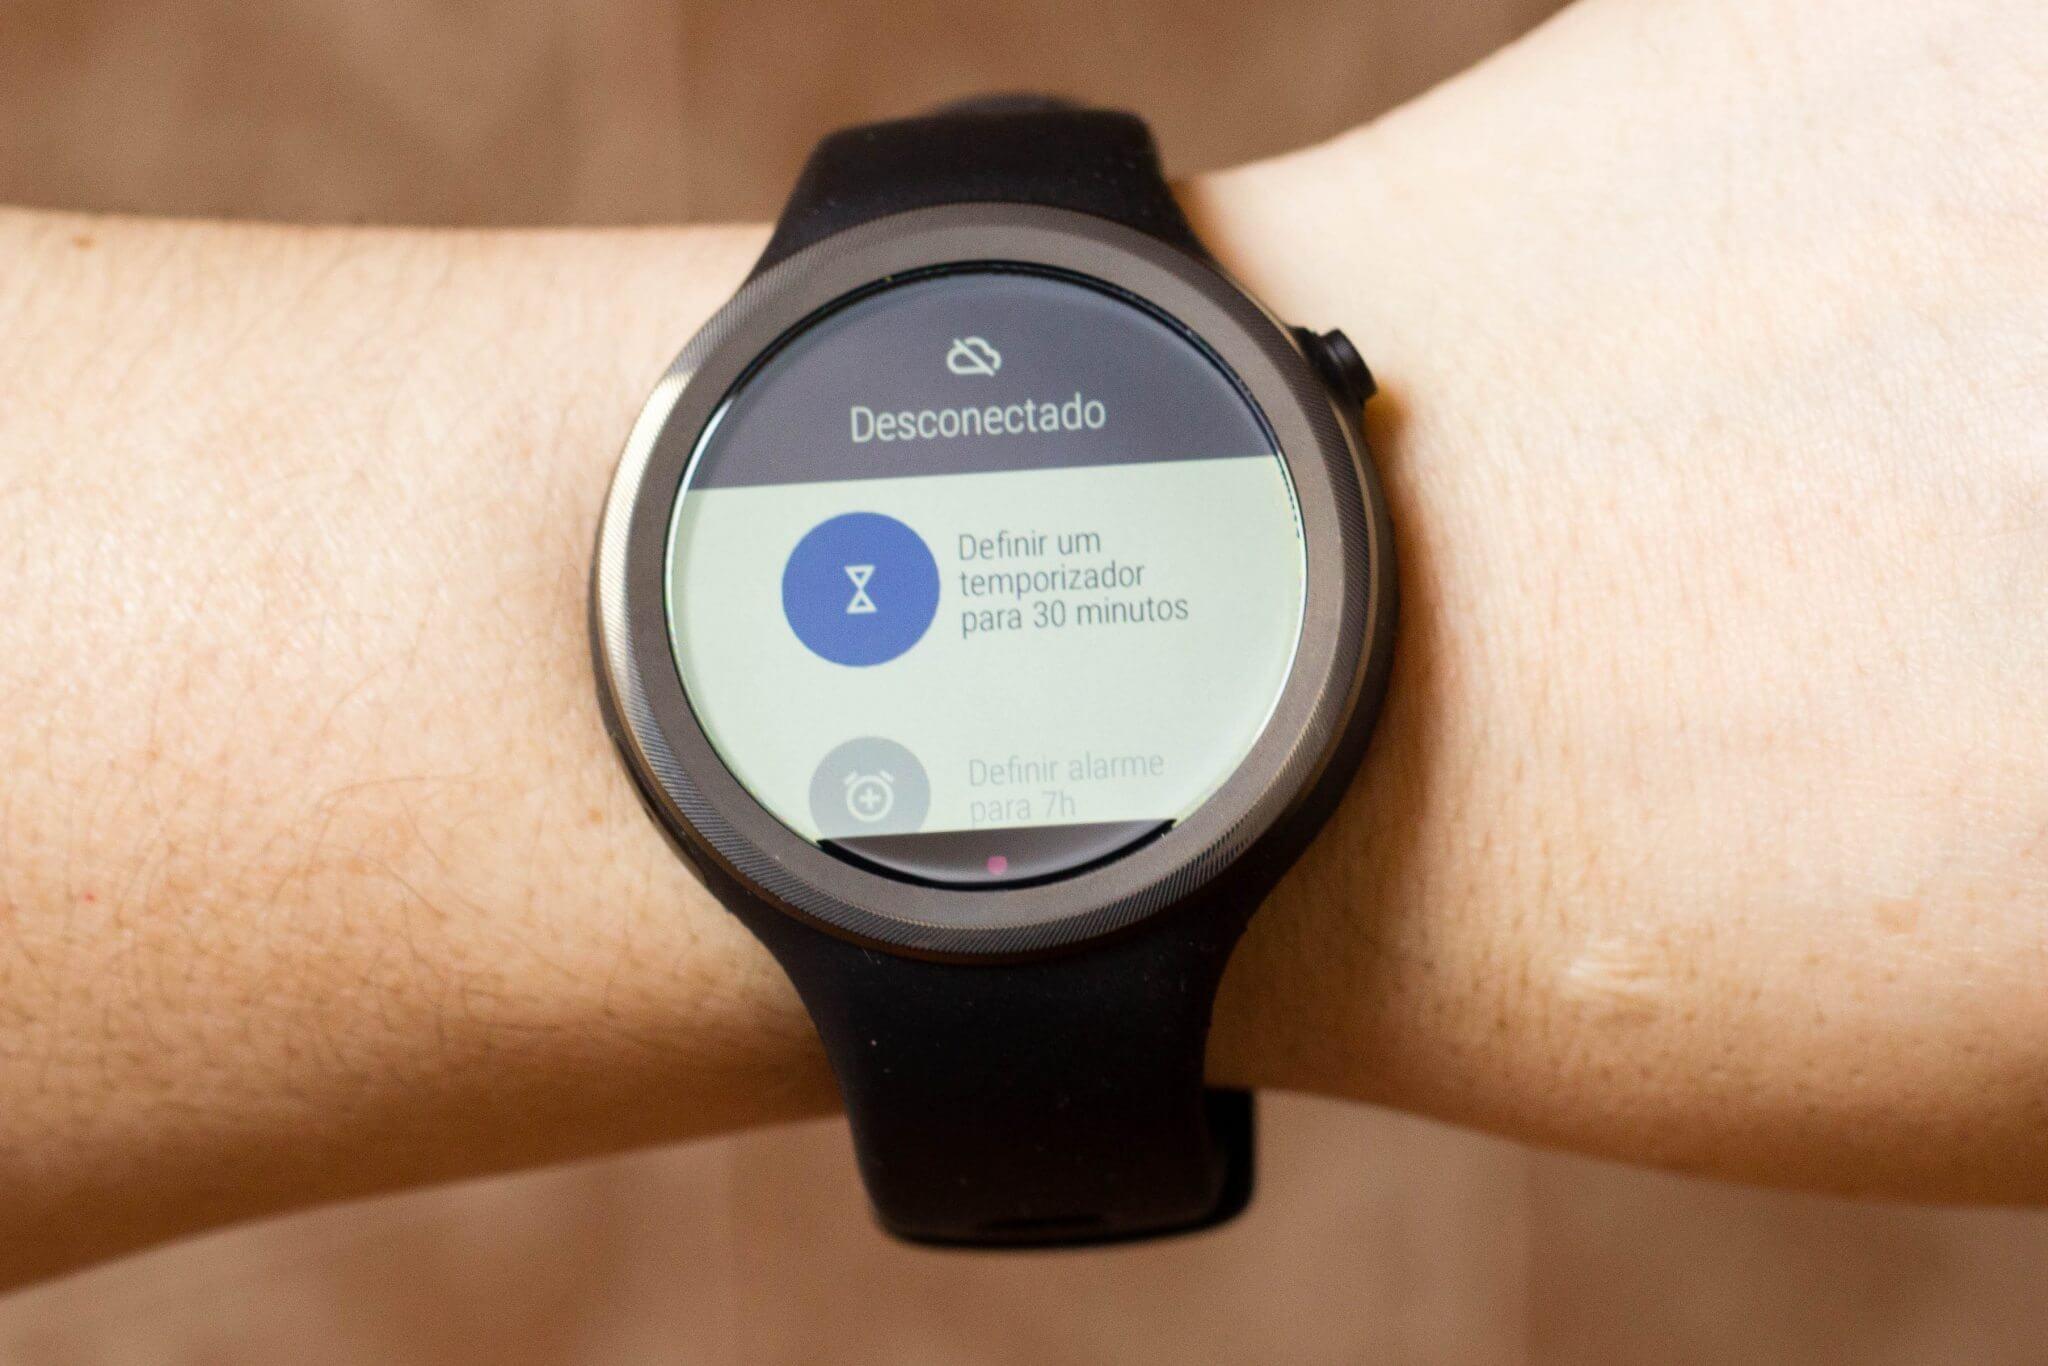 moto 360 sport 9 - Review: Moto 360 Sport, um smartwatch independente do seu celular